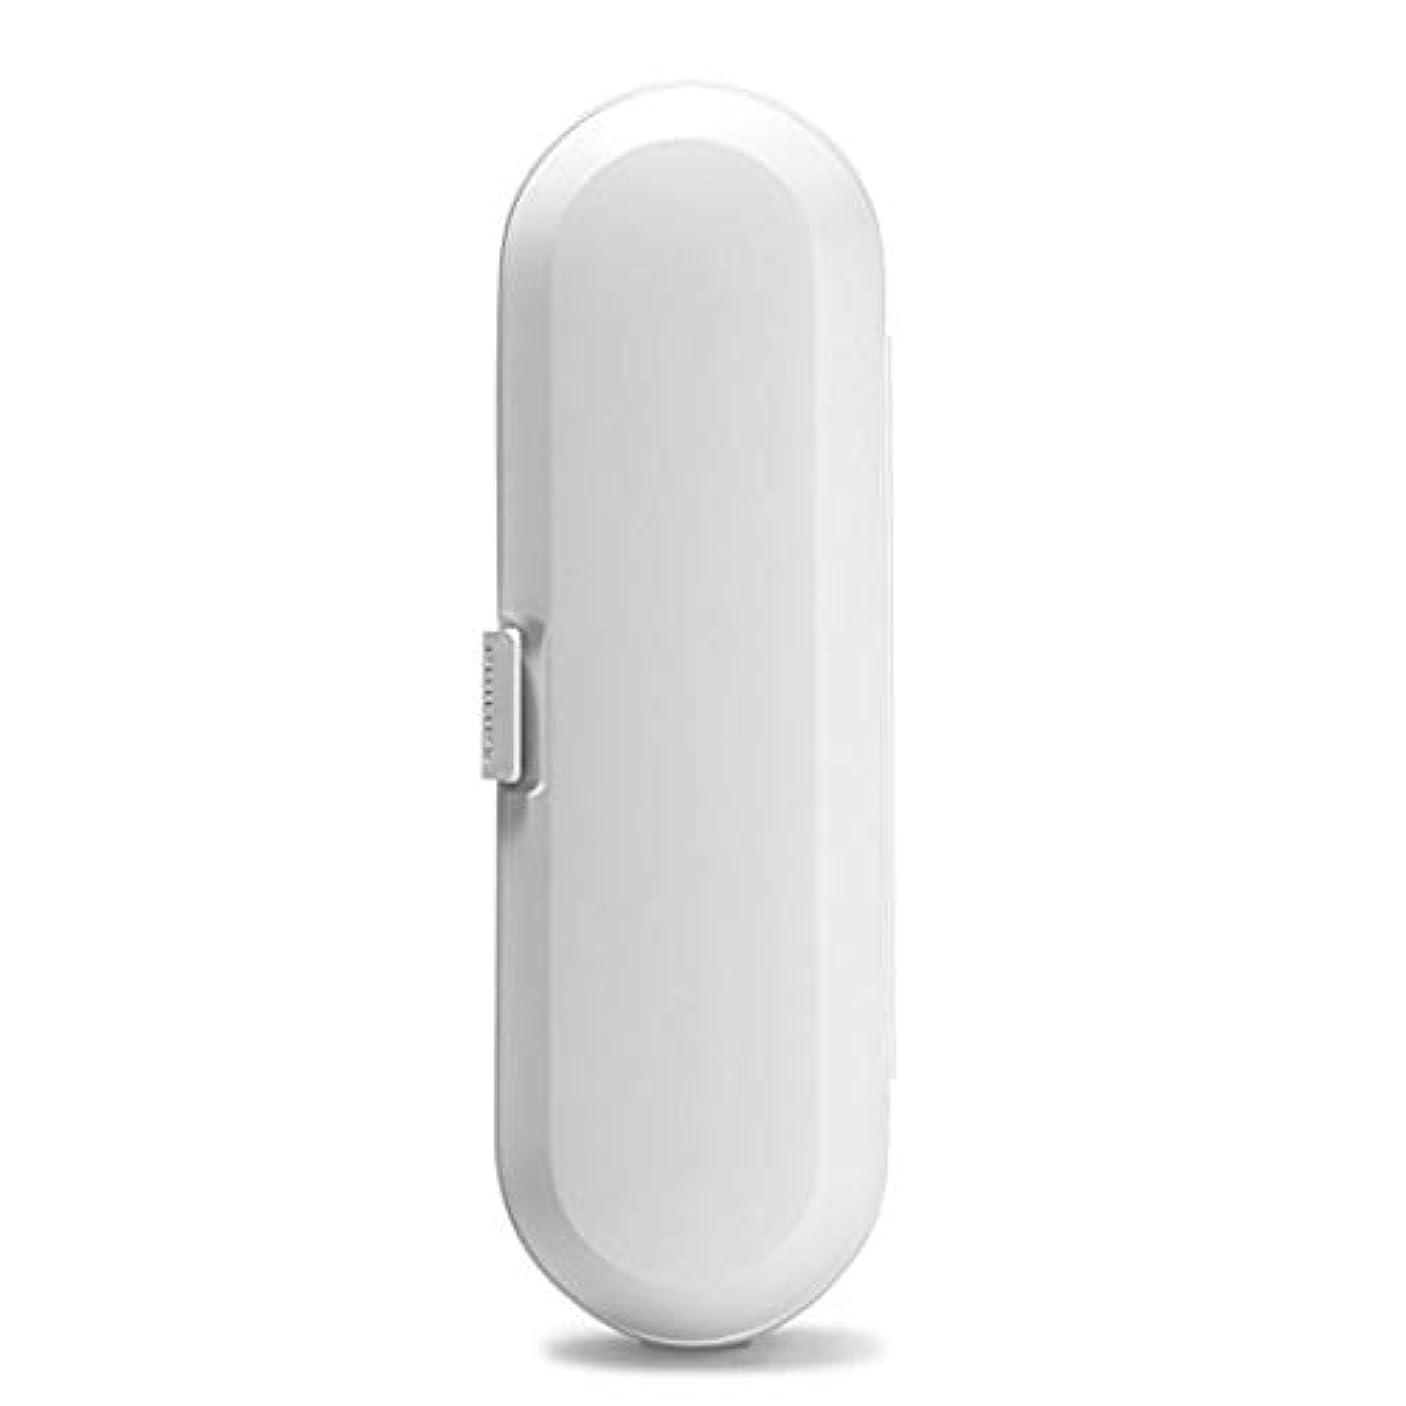 心理的に素晴らしいです泣くPhilips Sonicare Flexcare & Healthy White Plastic Travel Case by Philips [並行輸入品]